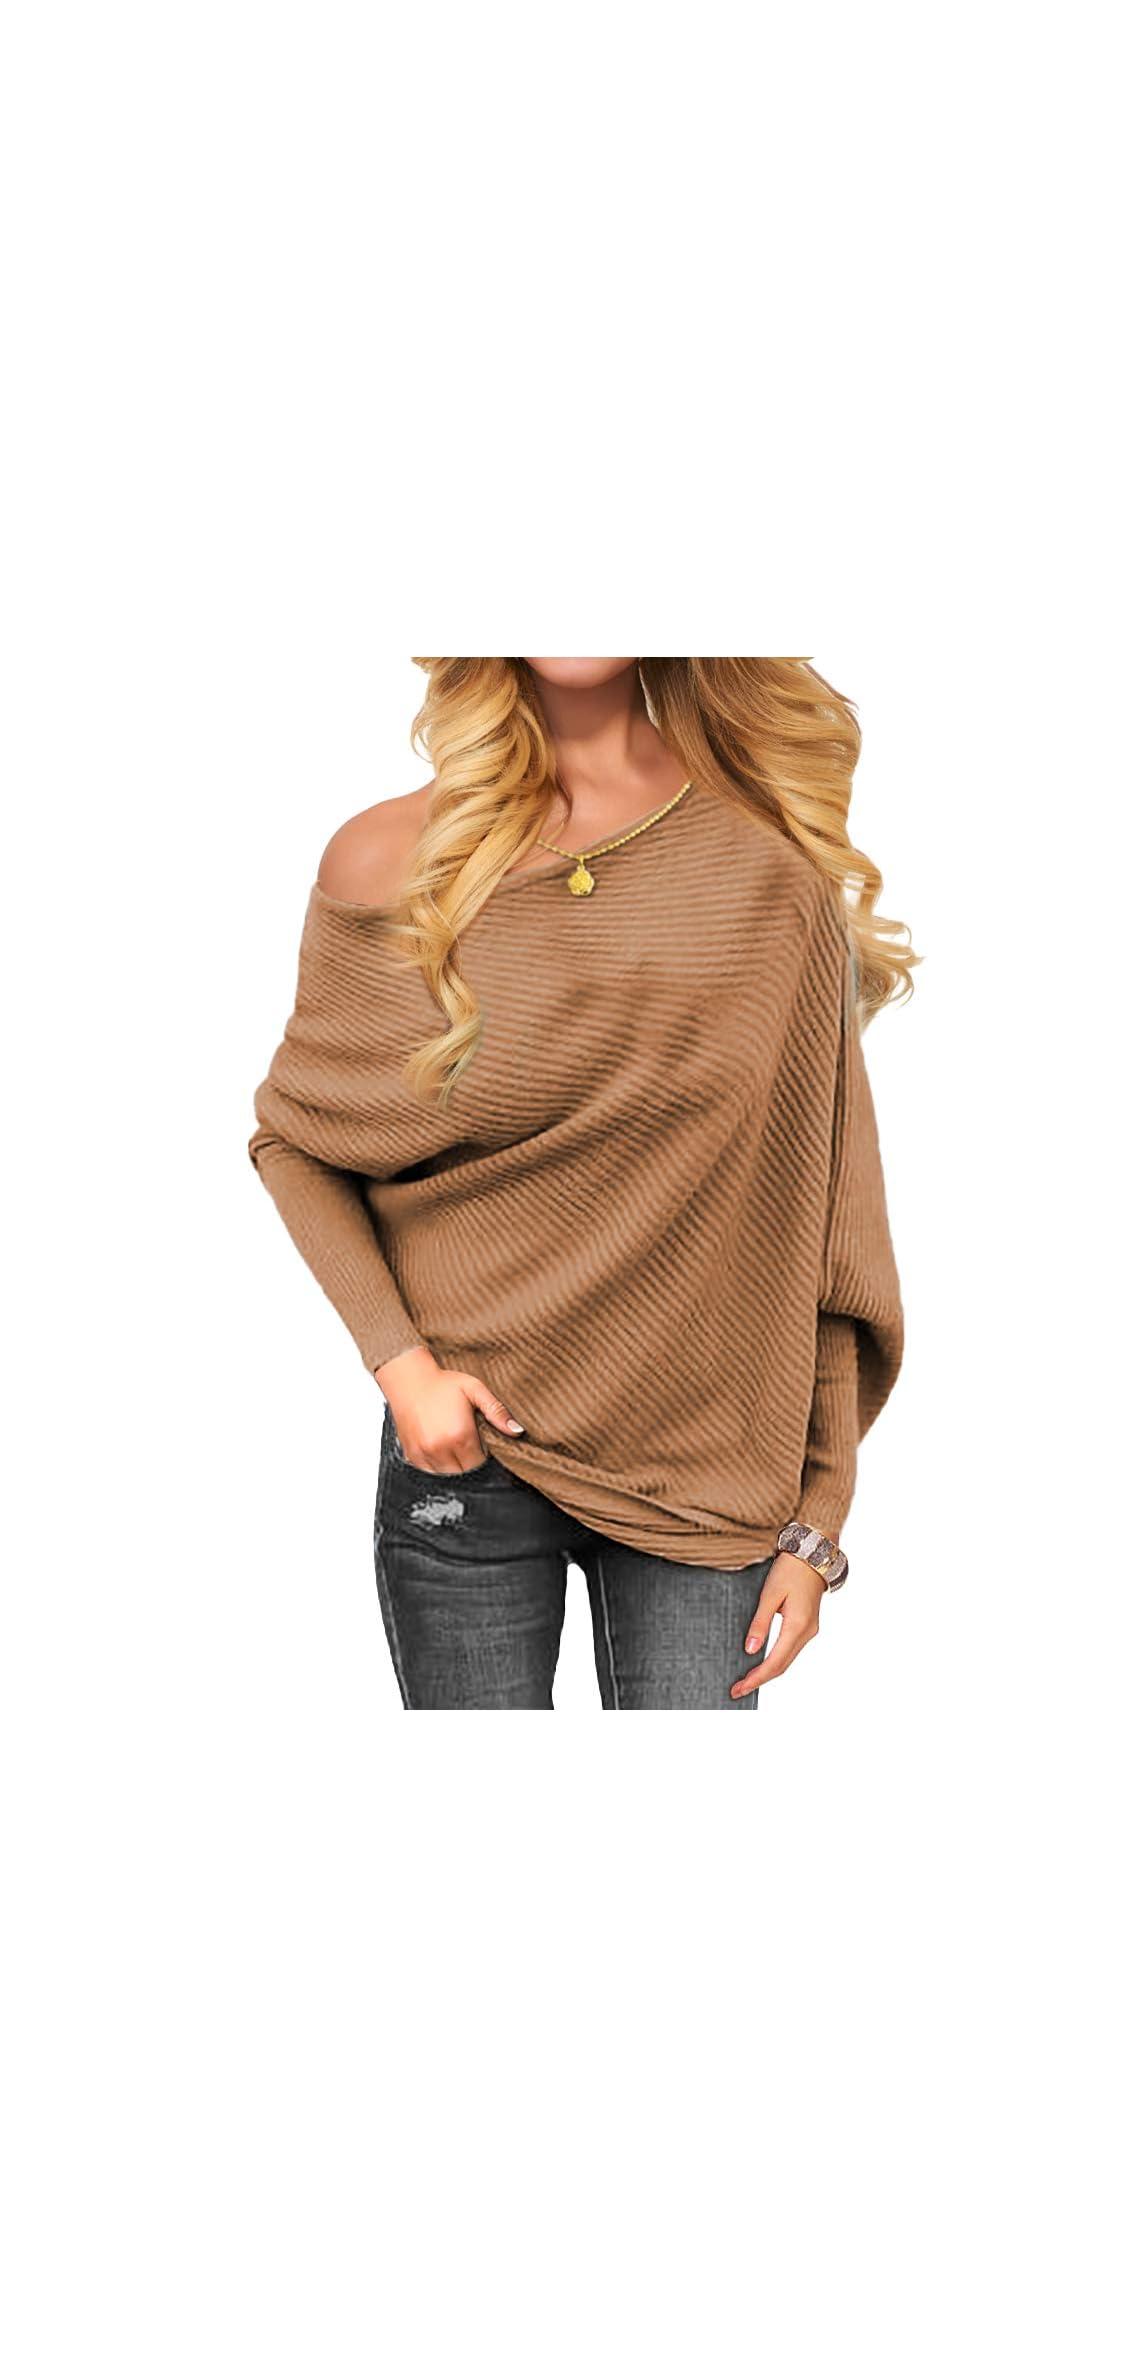 Women's Off Shoulder Knit Jumper Long Sleeve Pullover